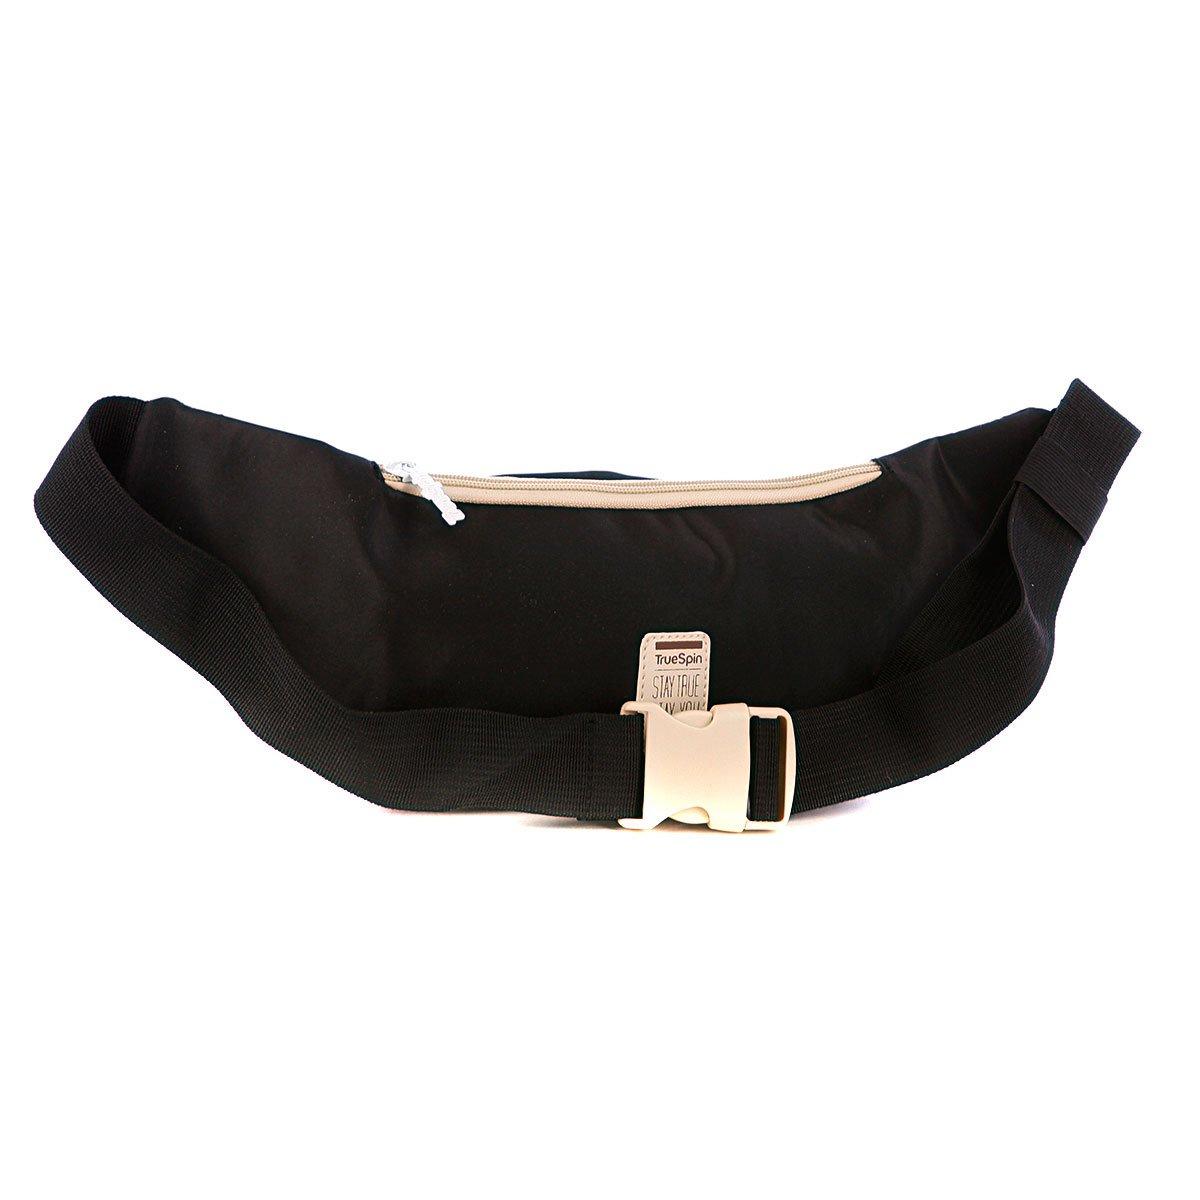 4be4527d3ef2 Купить сумку поясная True Spin Waist Bag Black/Brown в интернет ...